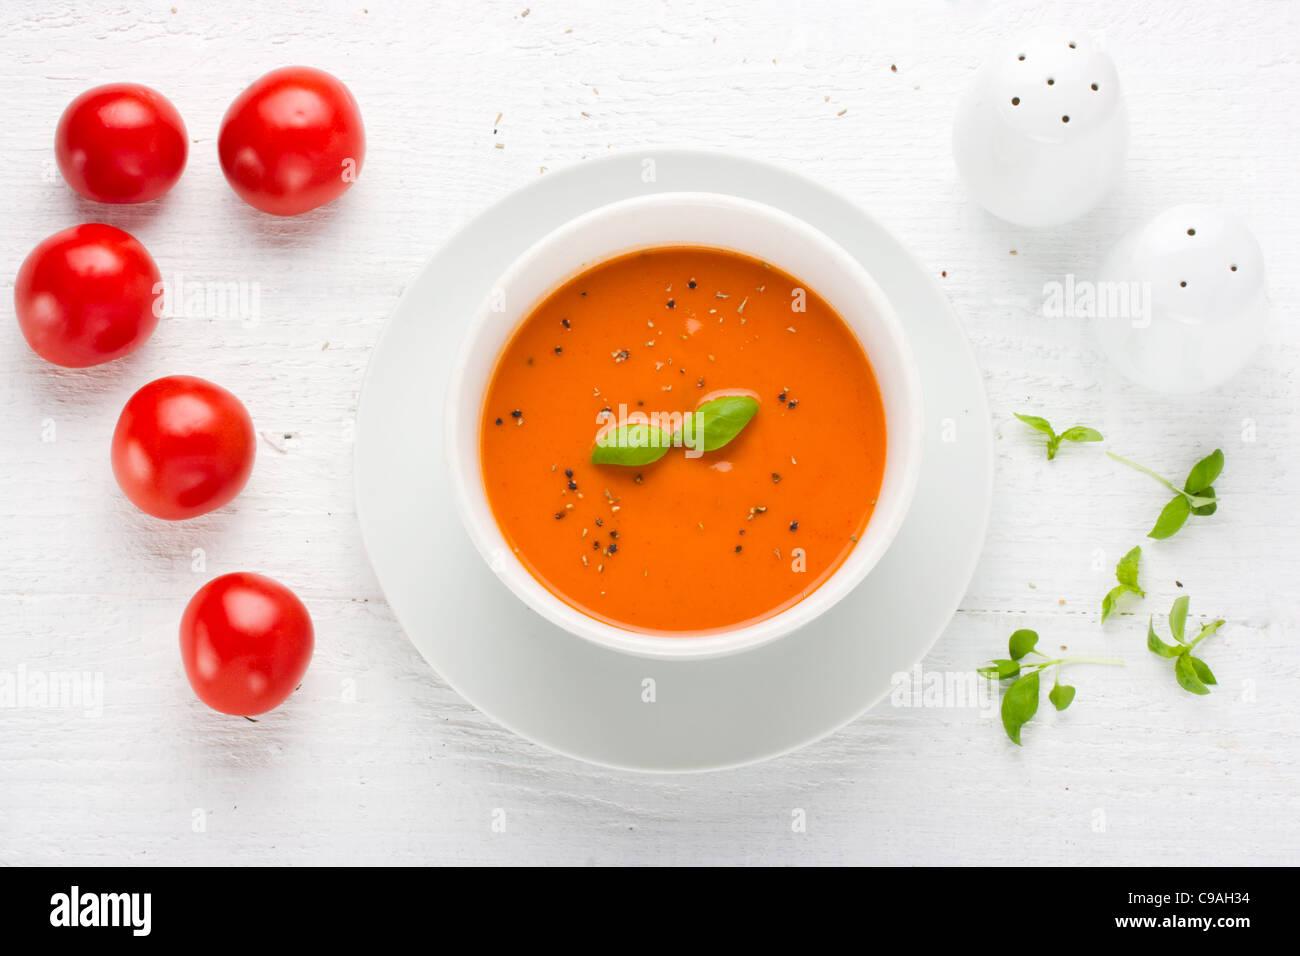 Tomatensuppe in weißen Schale umgeben mit Tomaten Basilikum Salz und Pfeffer Shaker Bild von oben Stockbild